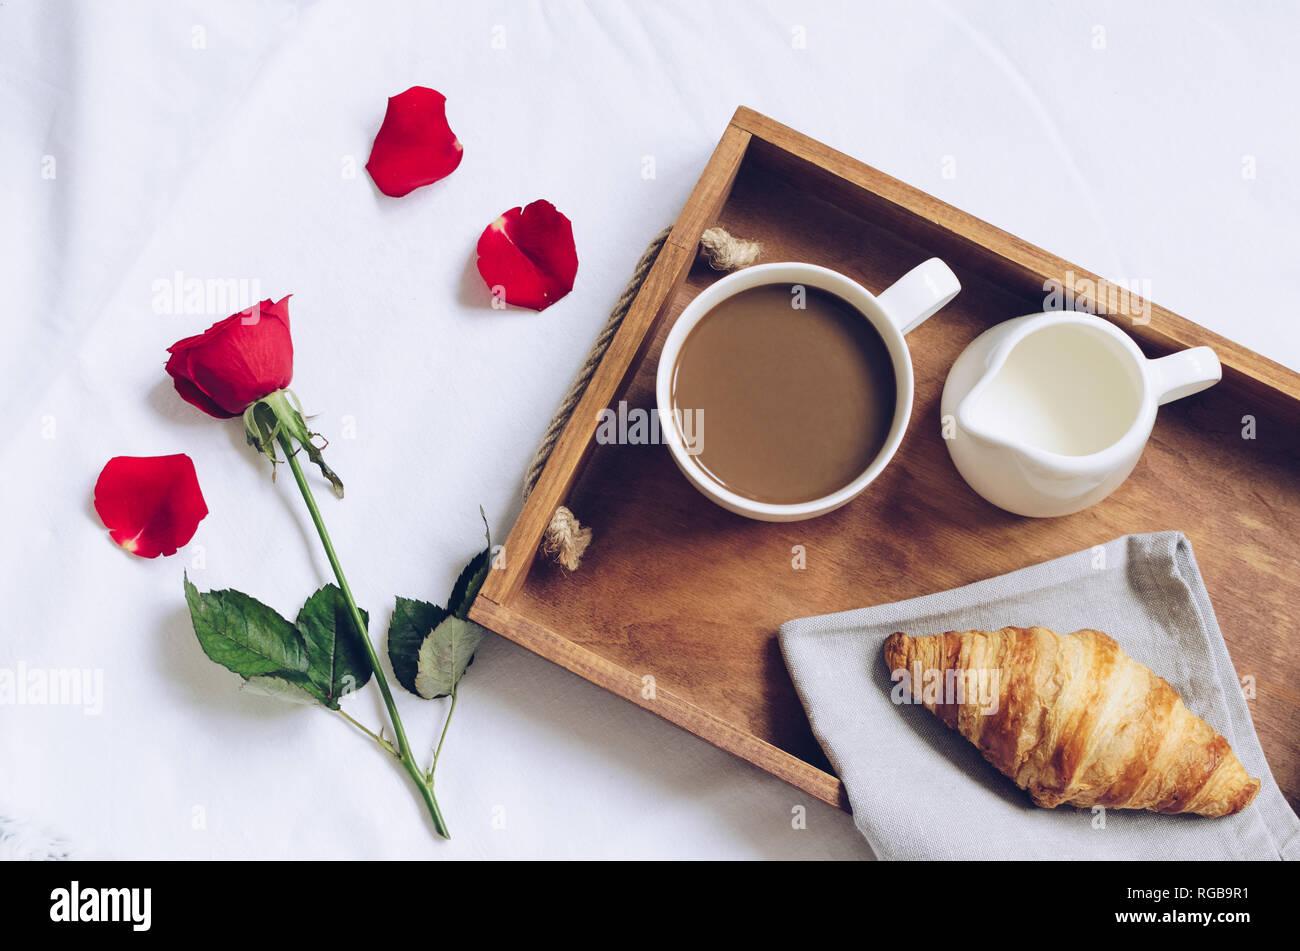 saint valentin romantique petit d jeuner au lit plateau. Black Bedroom Furniture Sets. Home Design Ideas